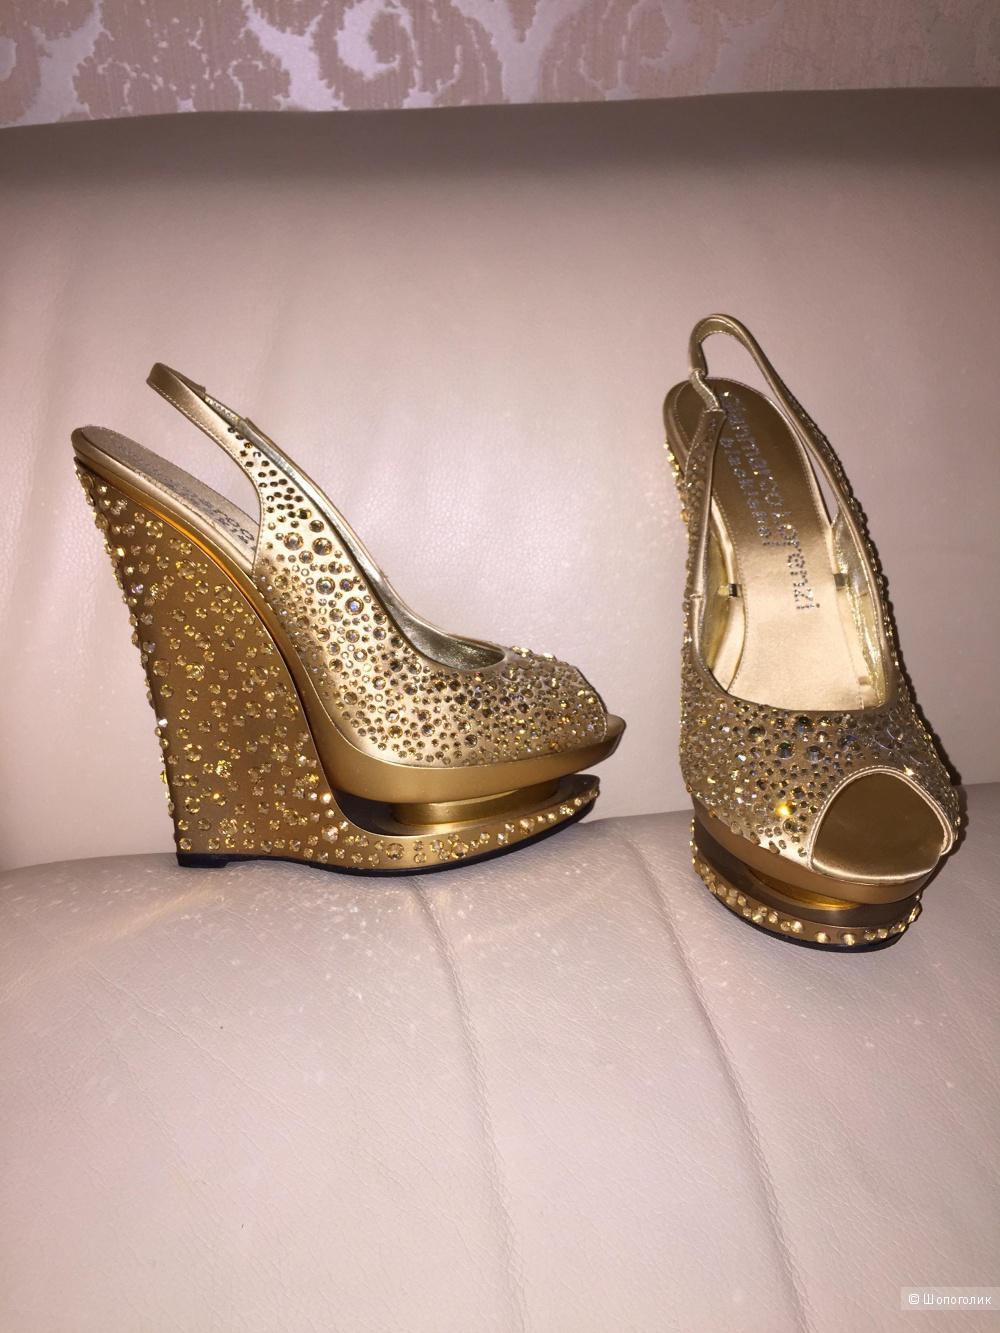 Продам новые туфли Gianmarco Lorenzi